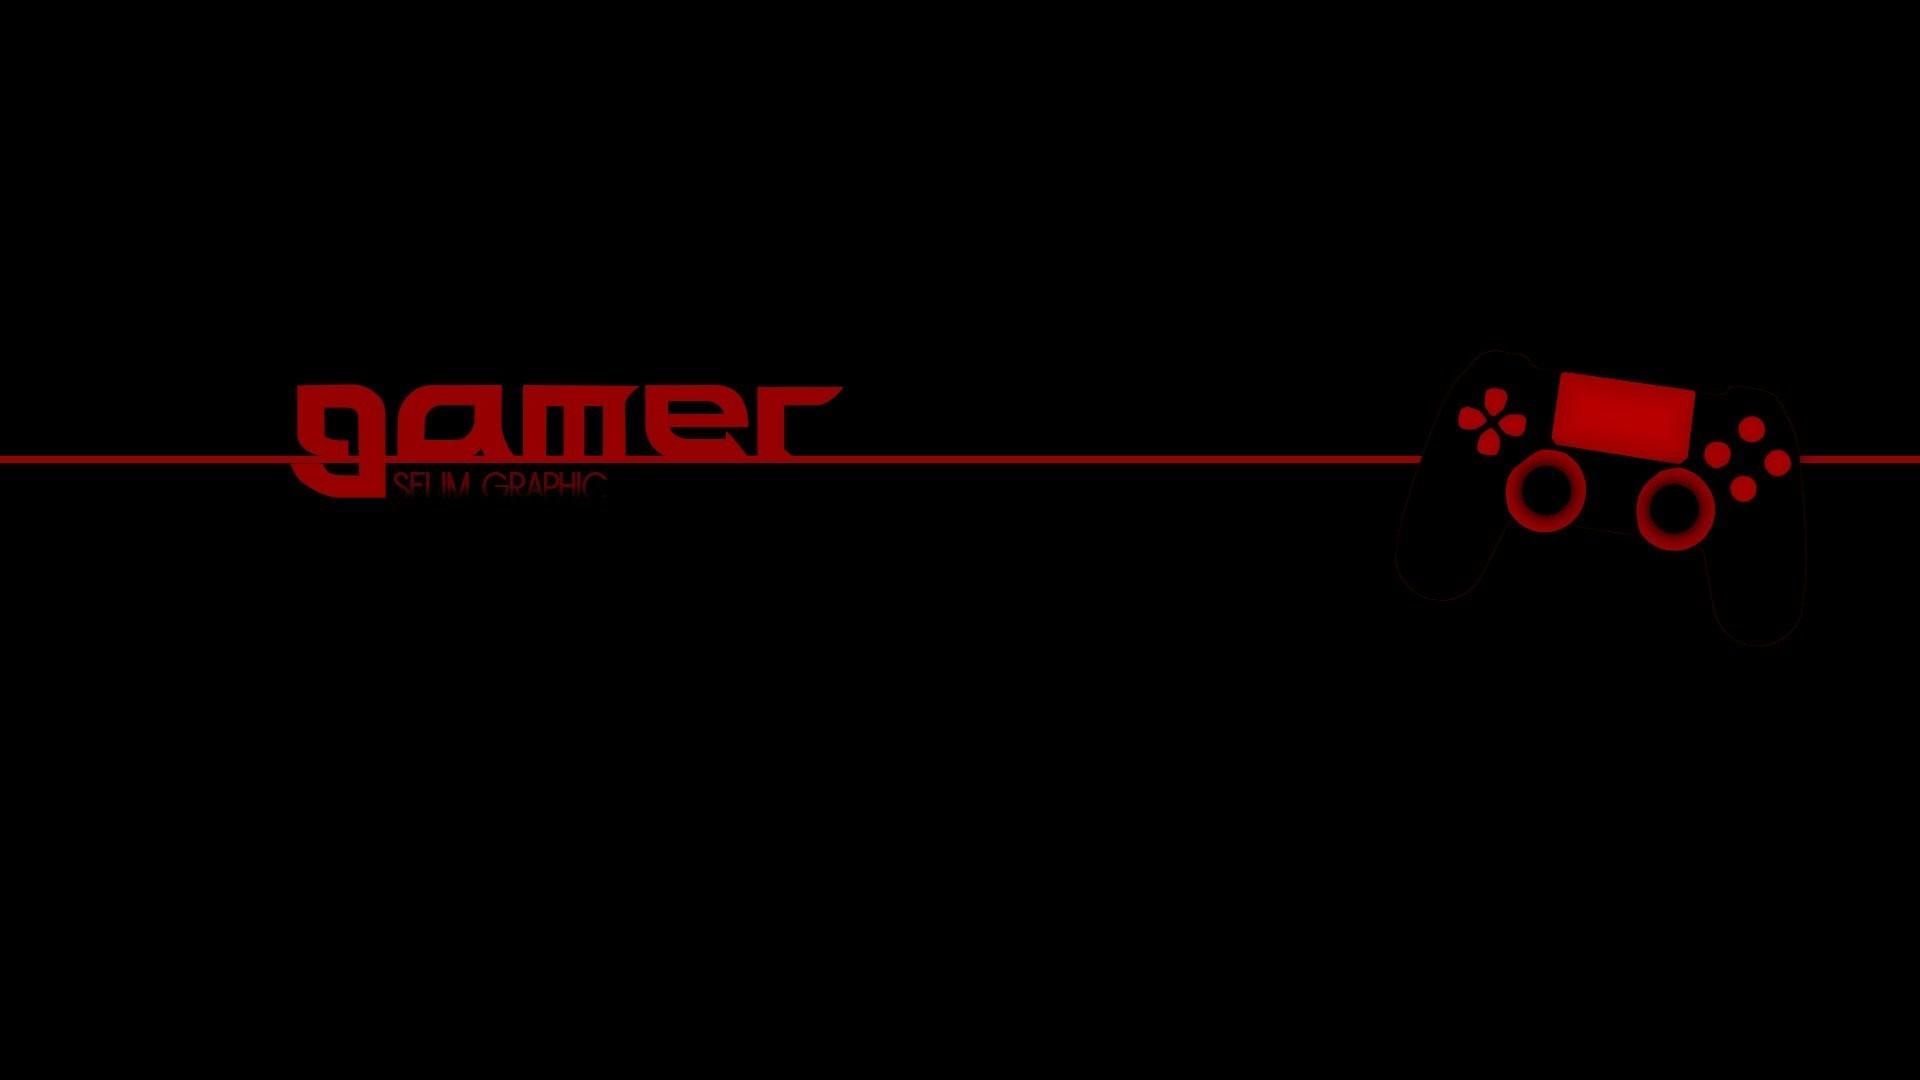 Speed Art | Gamer Wallpaper – YouTube